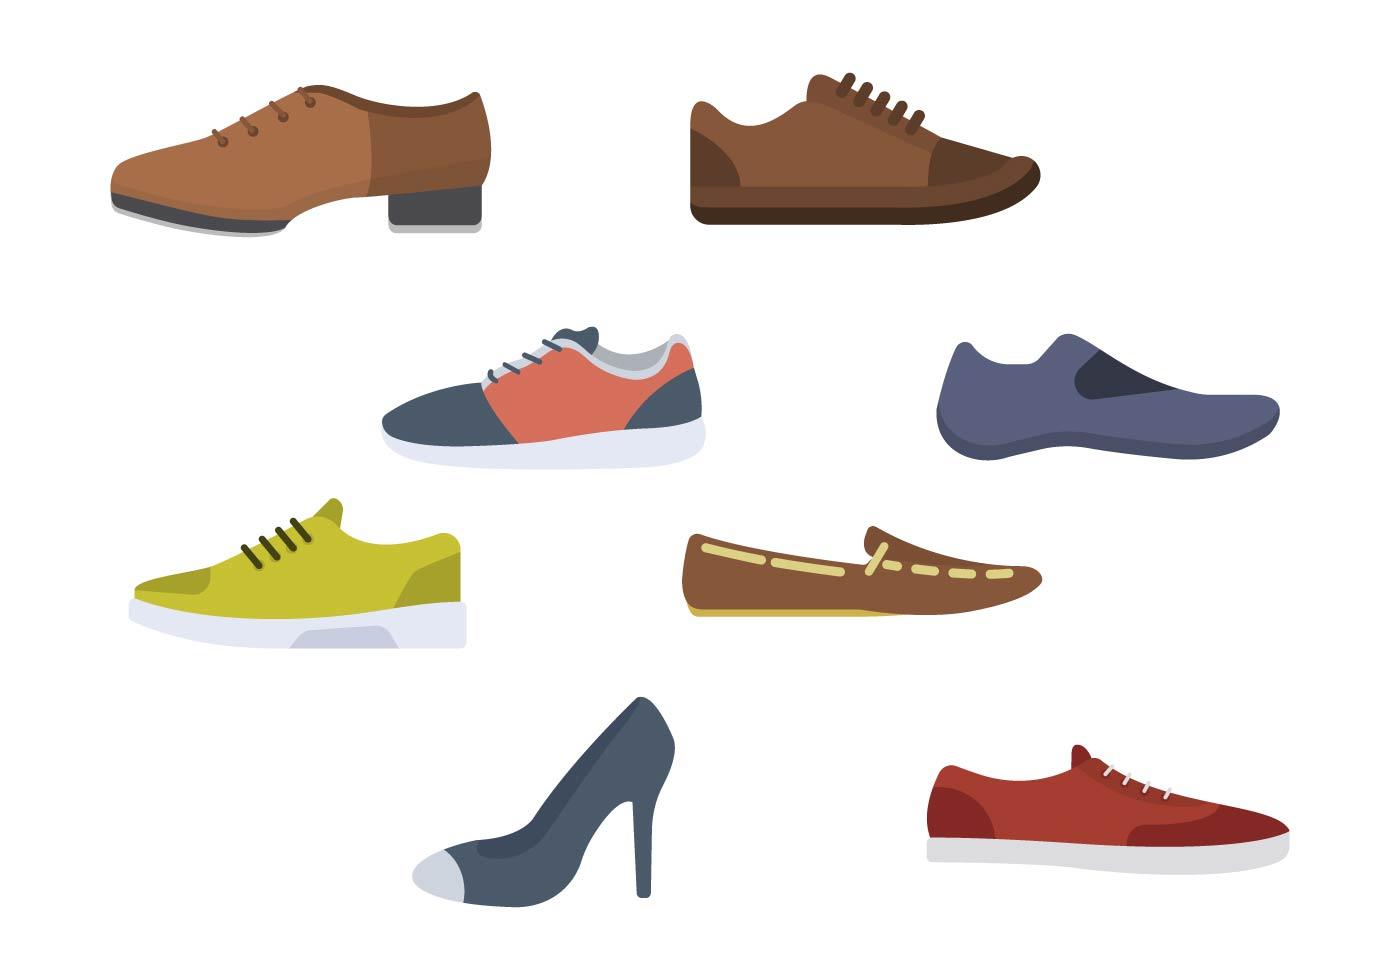 Descargue Vectores Planos Zapatos Gráficos De Gratis Y AR45Lj